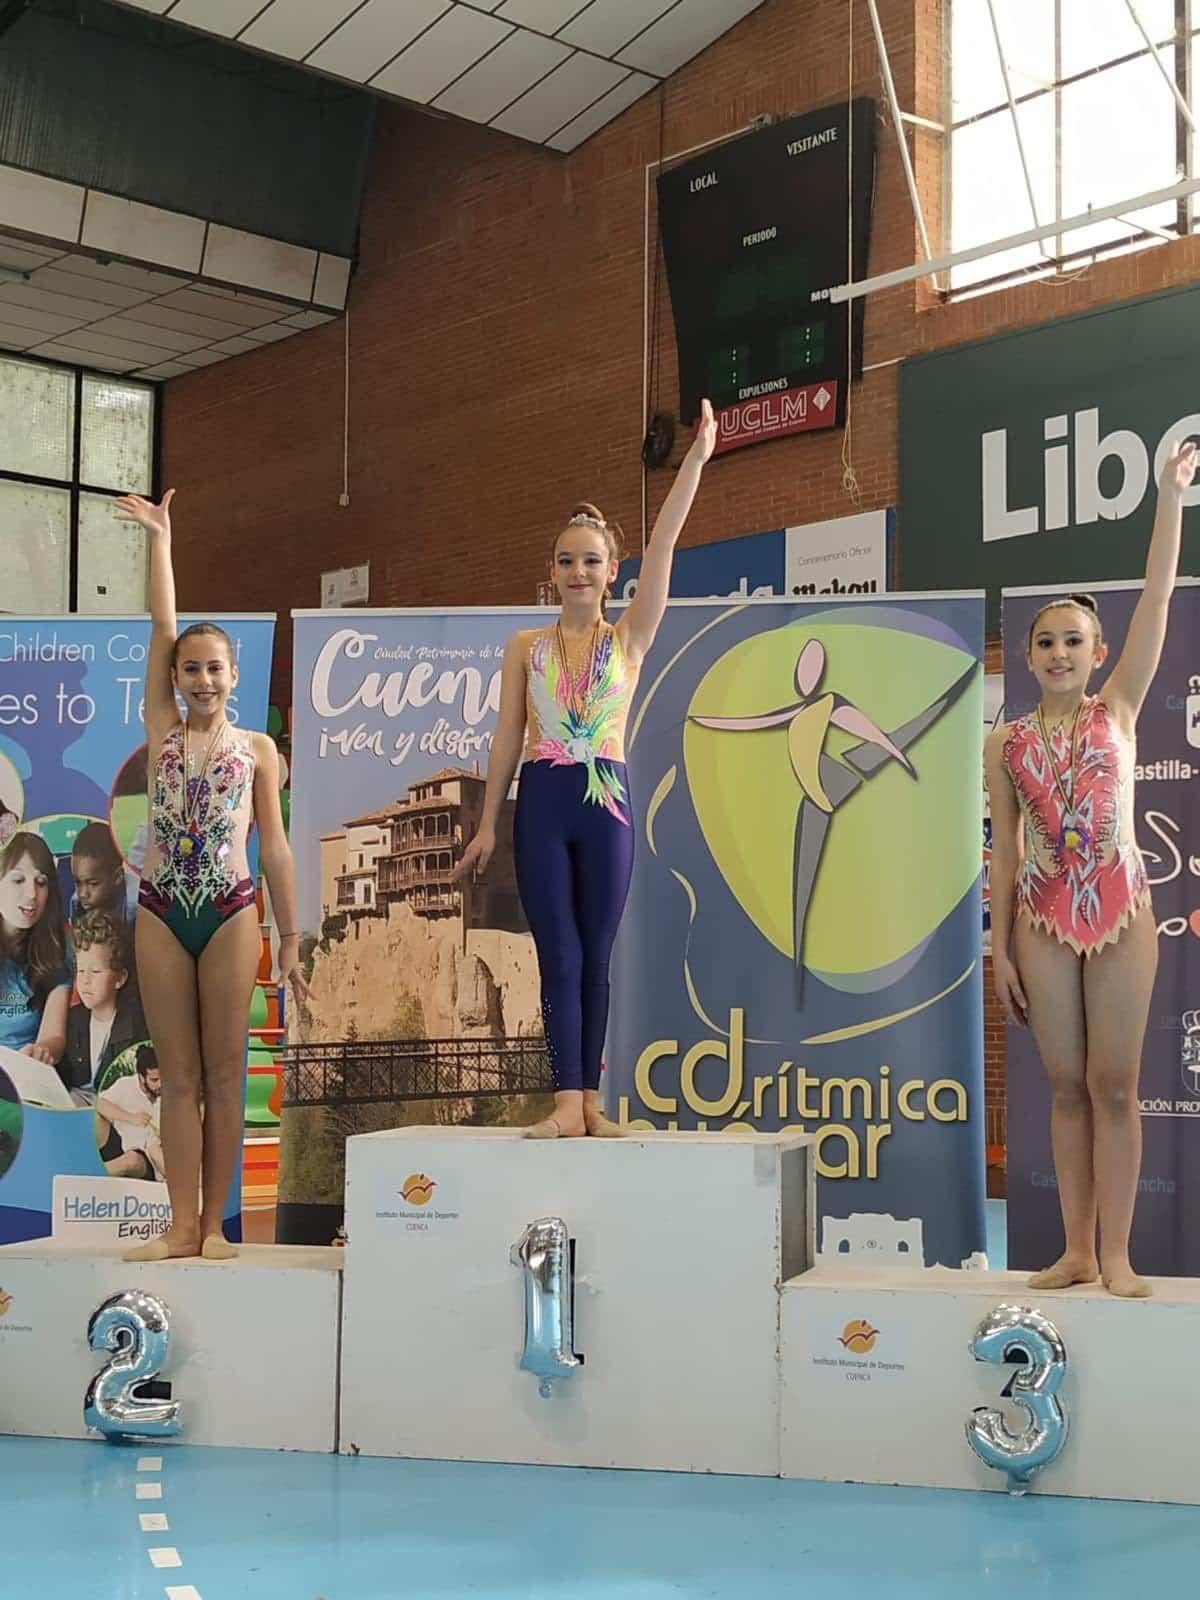 trofeo gimnasia ritmica cuenta 2 - Herencia presente en el Trofeo de Gimnasia Rítmica de Cuenca